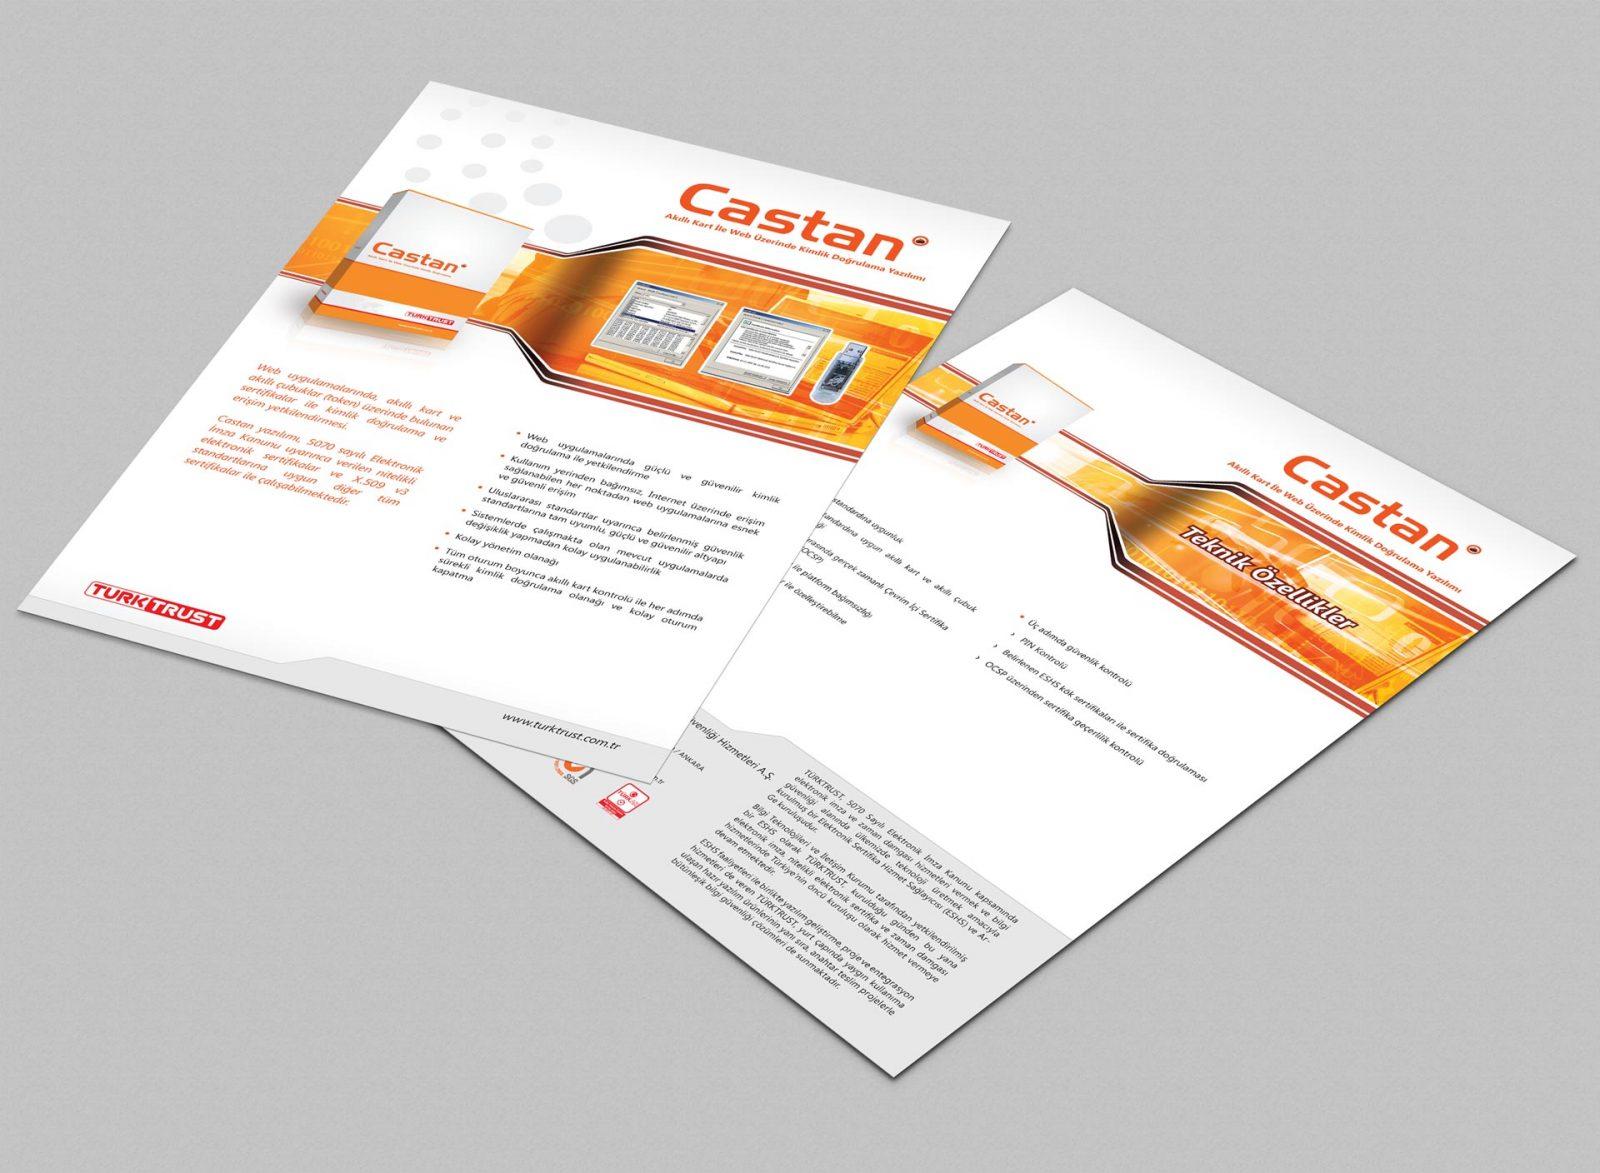 turktrust flyer tasarımı 08